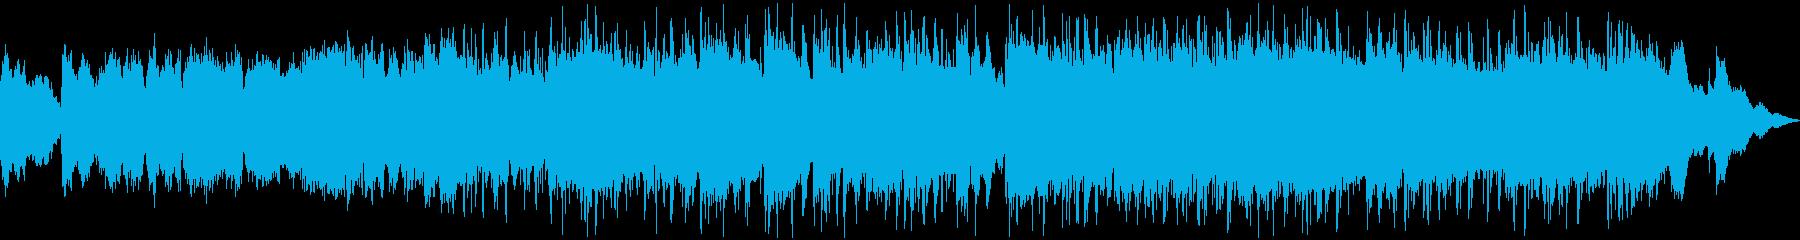 切ない雰囲気のR&Bの再生済みの波形